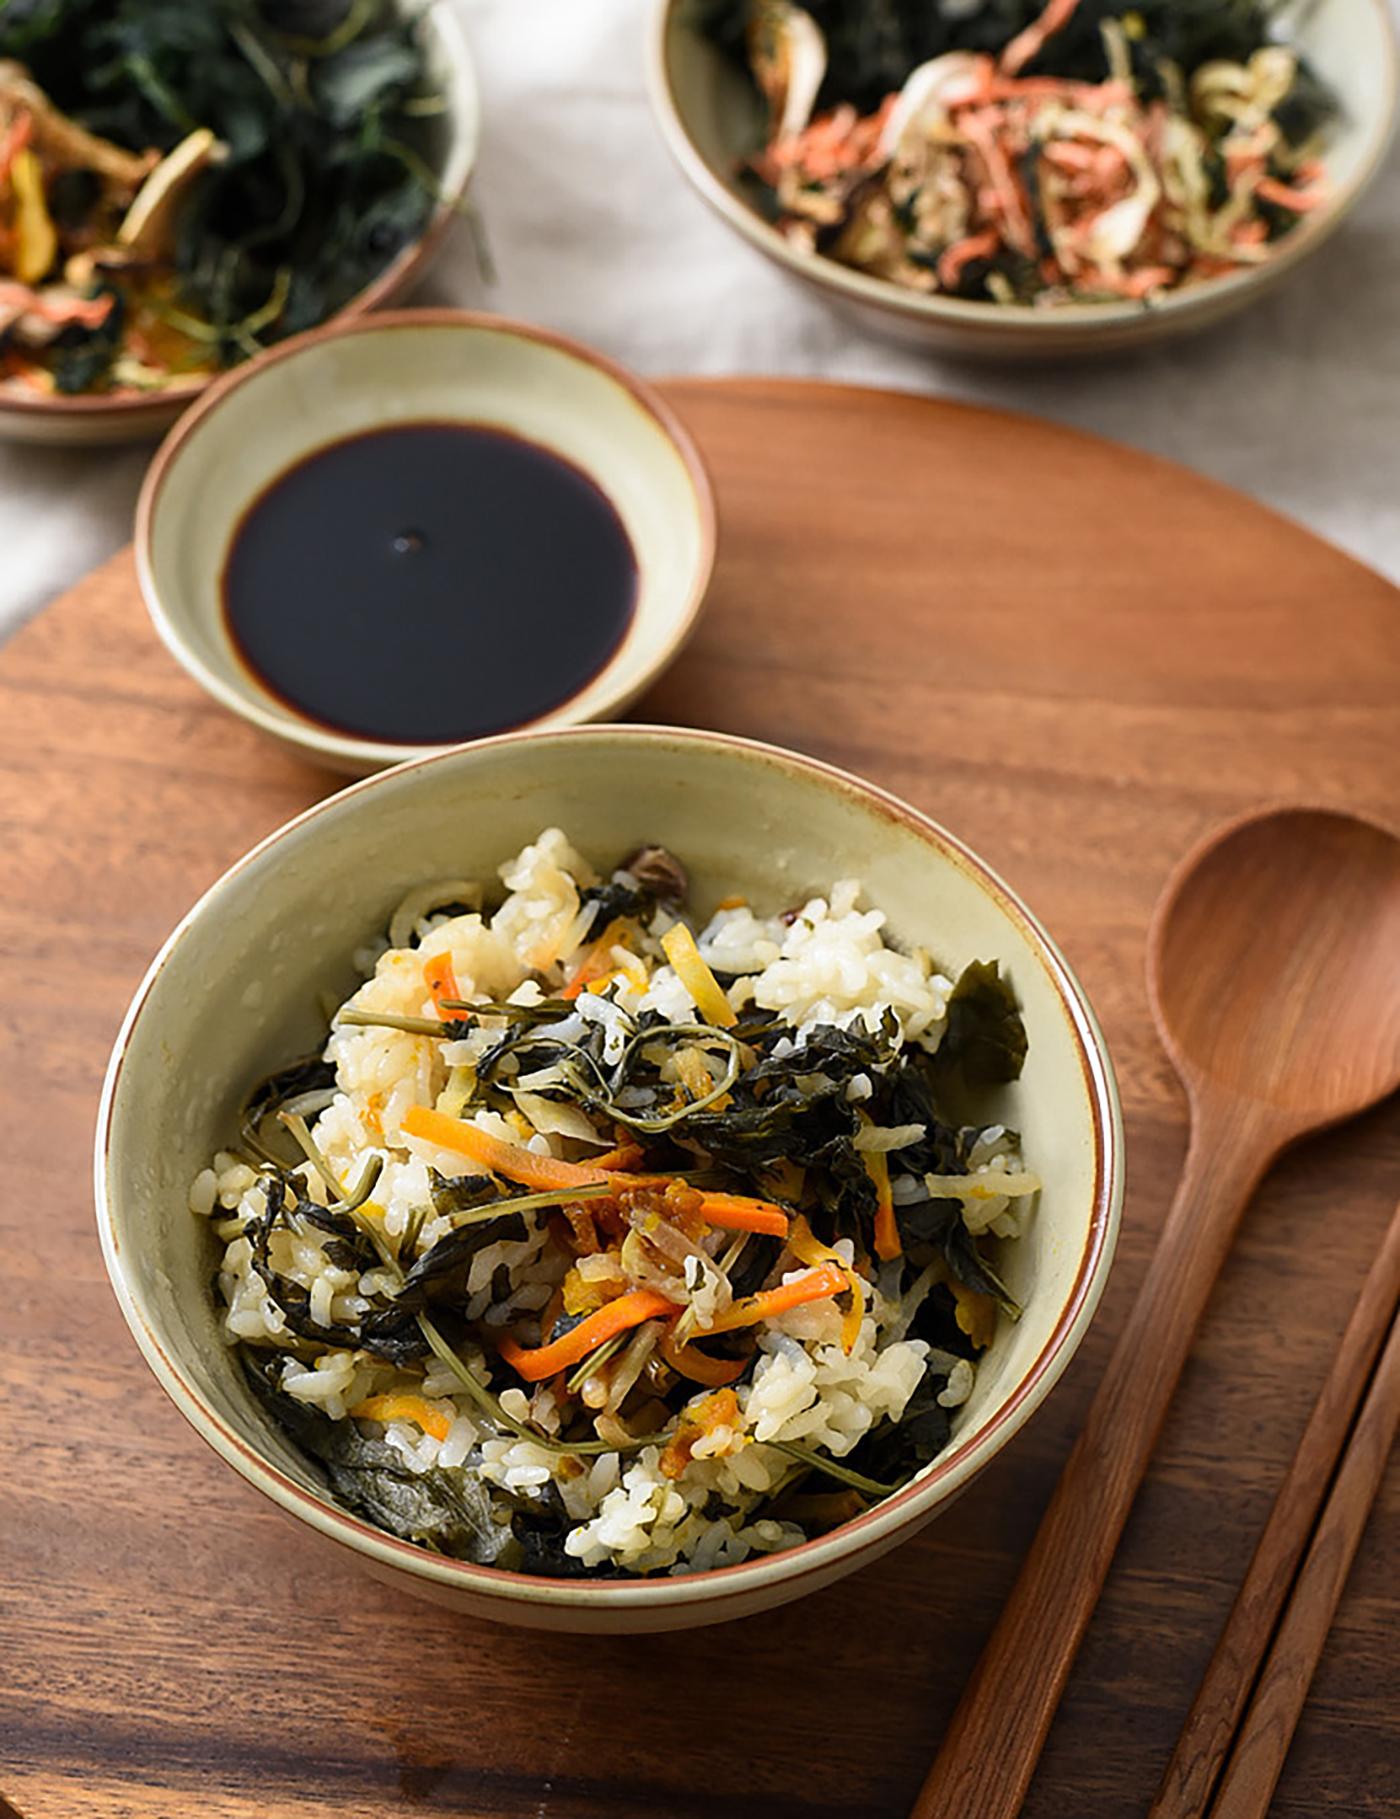 전주 산채 나물 비빔밥 30g 상세이미지1